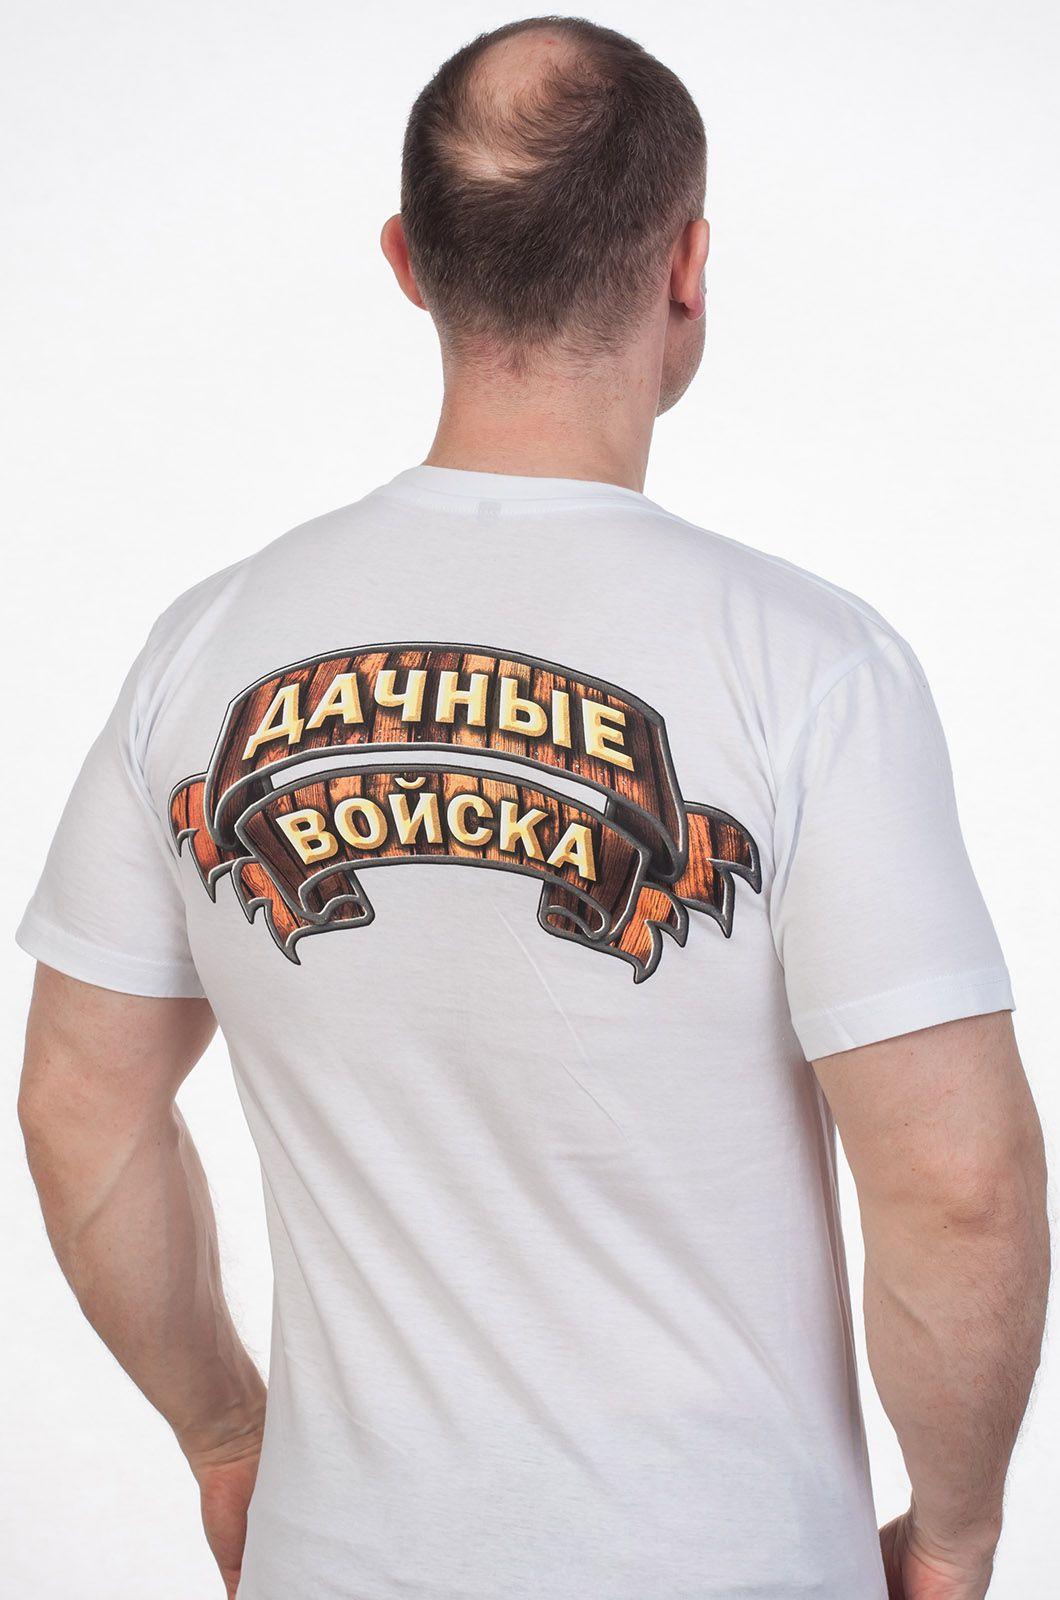 Футболка Дачных войск - спинка